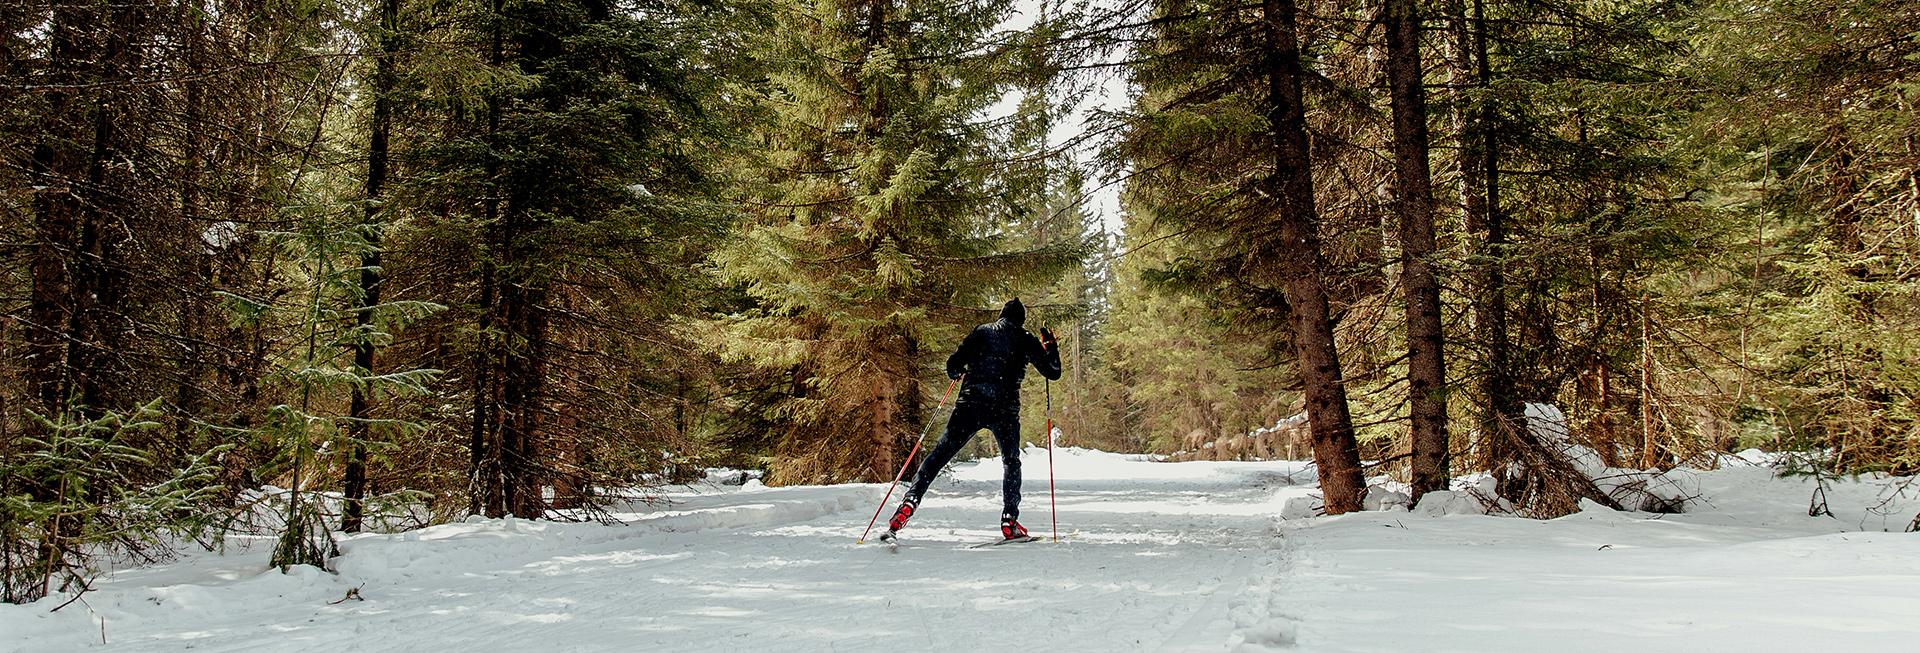 Narciarz na nartach biegowych podczas zimowej jazdy na leśnej ścieżce. Wokół ścieżki las pokryty śniegiem.